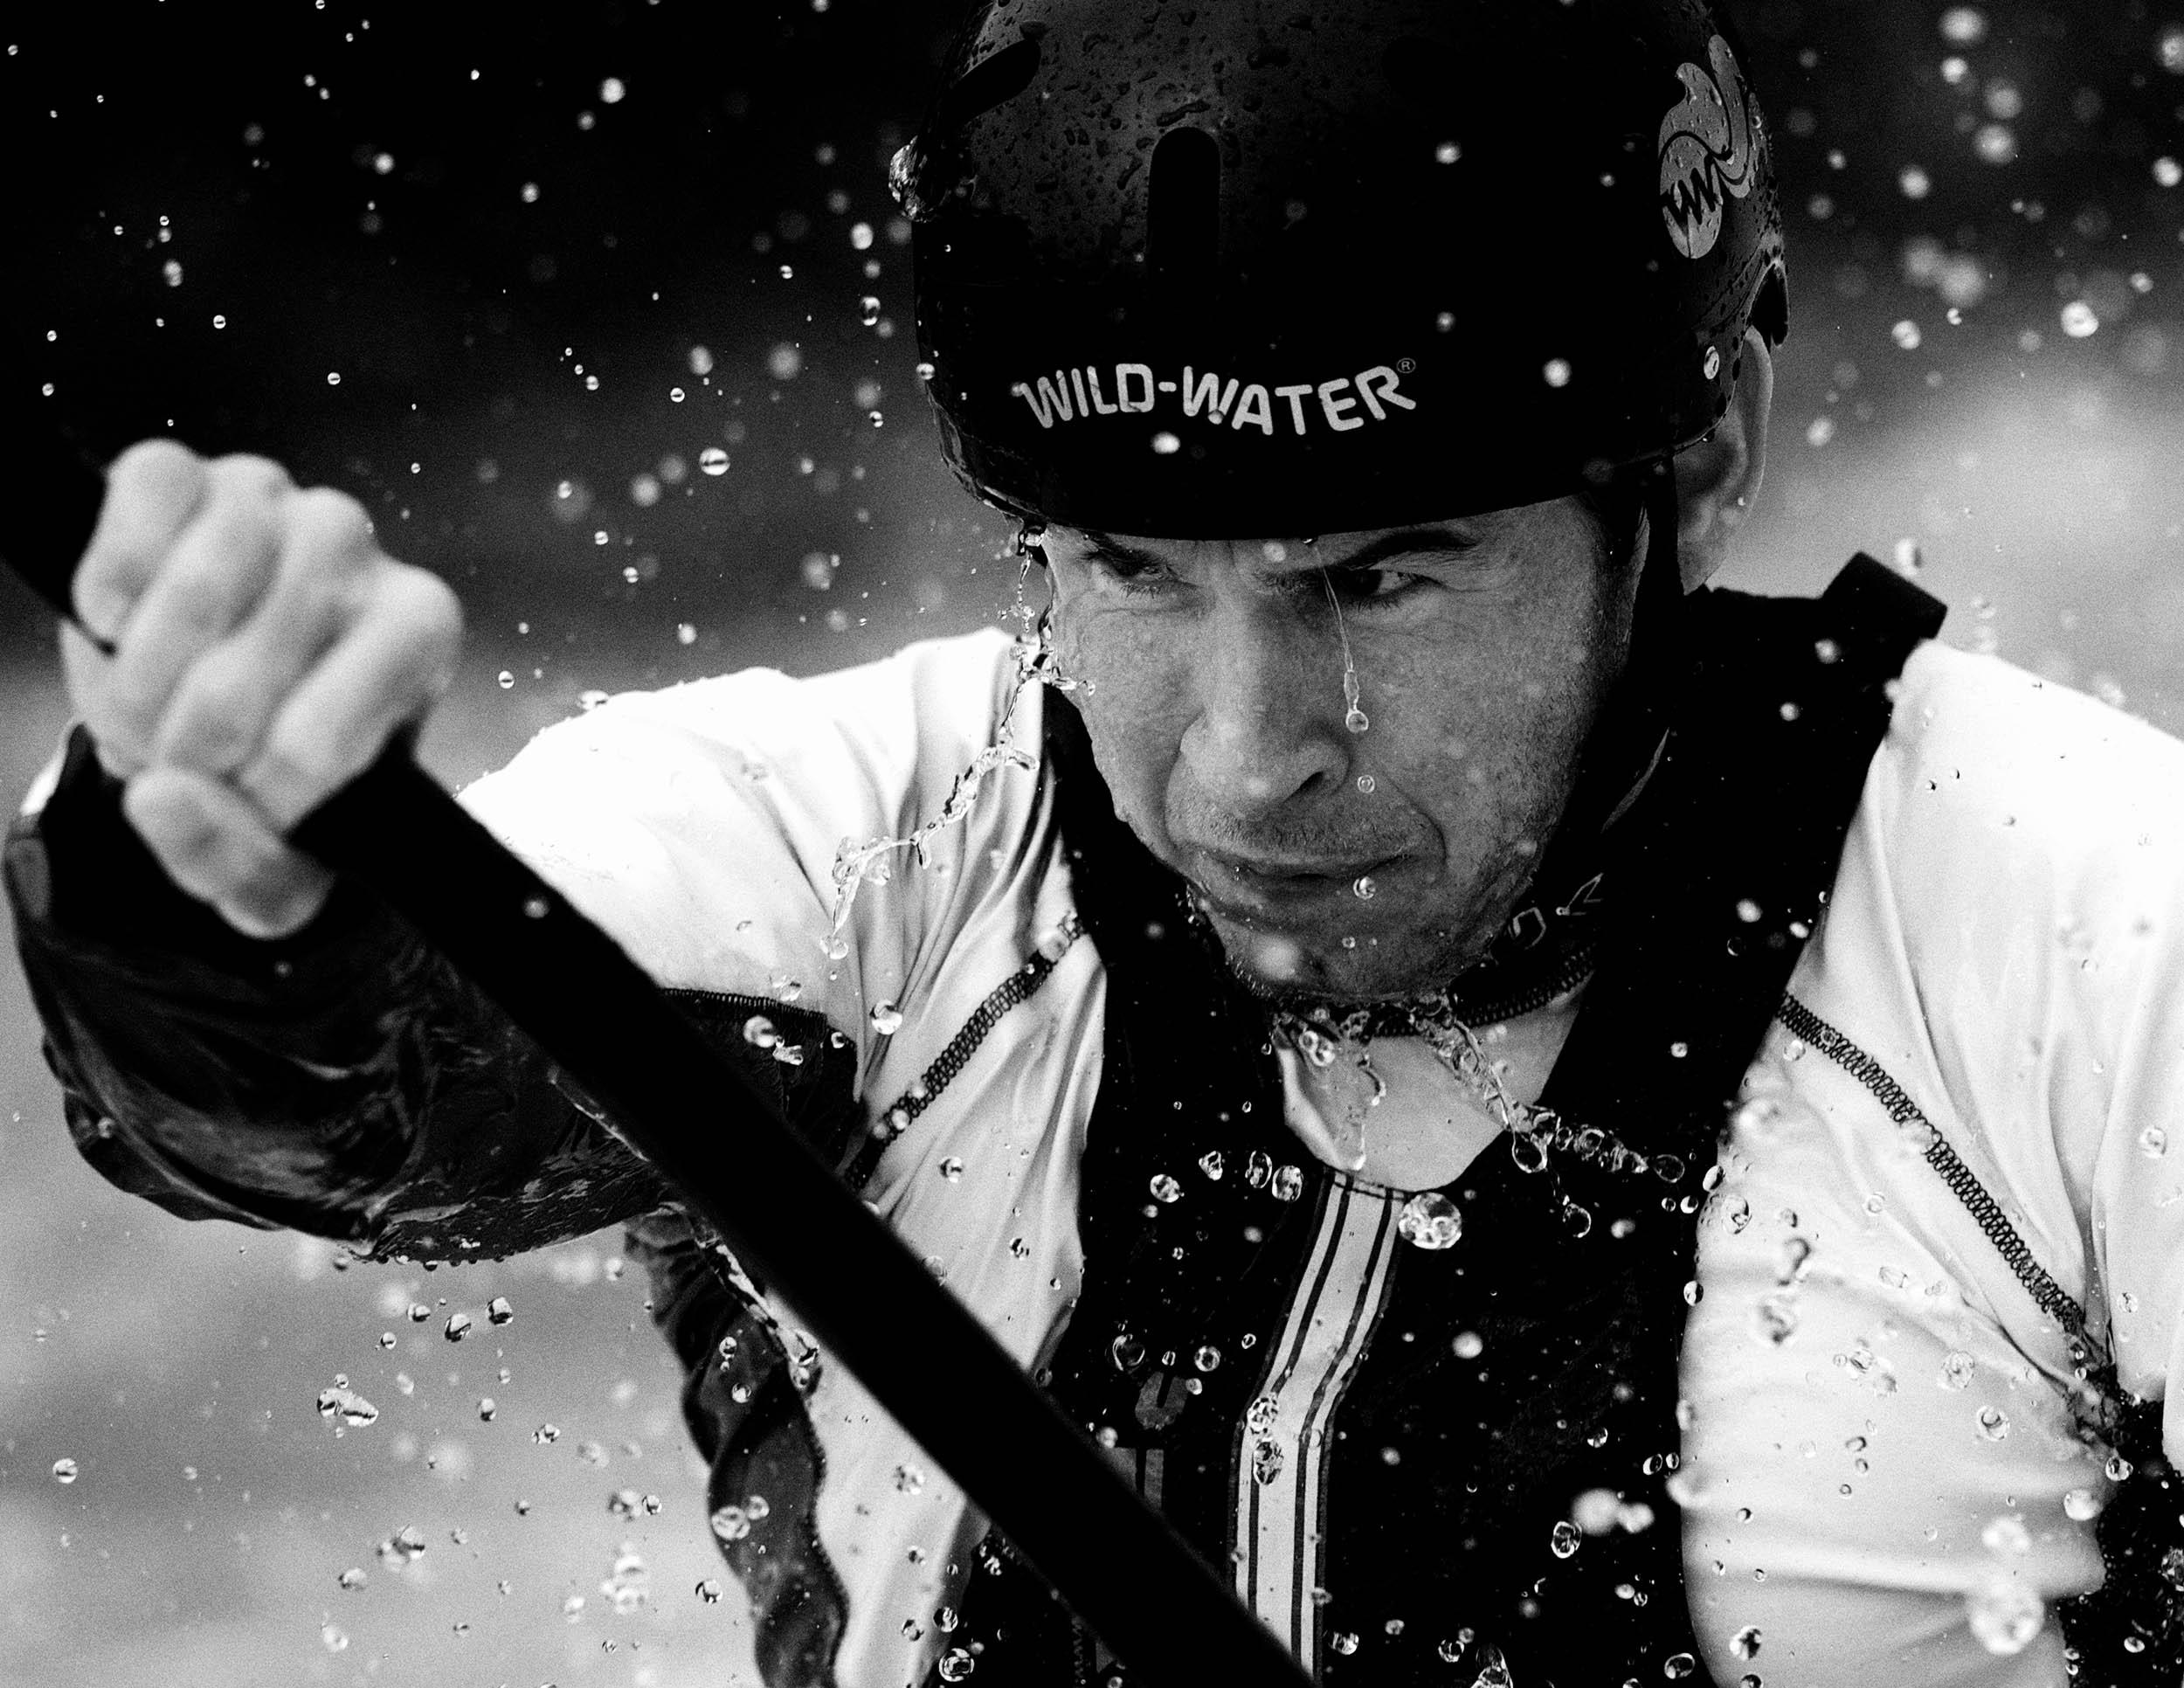 Eoin-Rheineish-Slalom-Canoe-Bolger-Photography.jpg